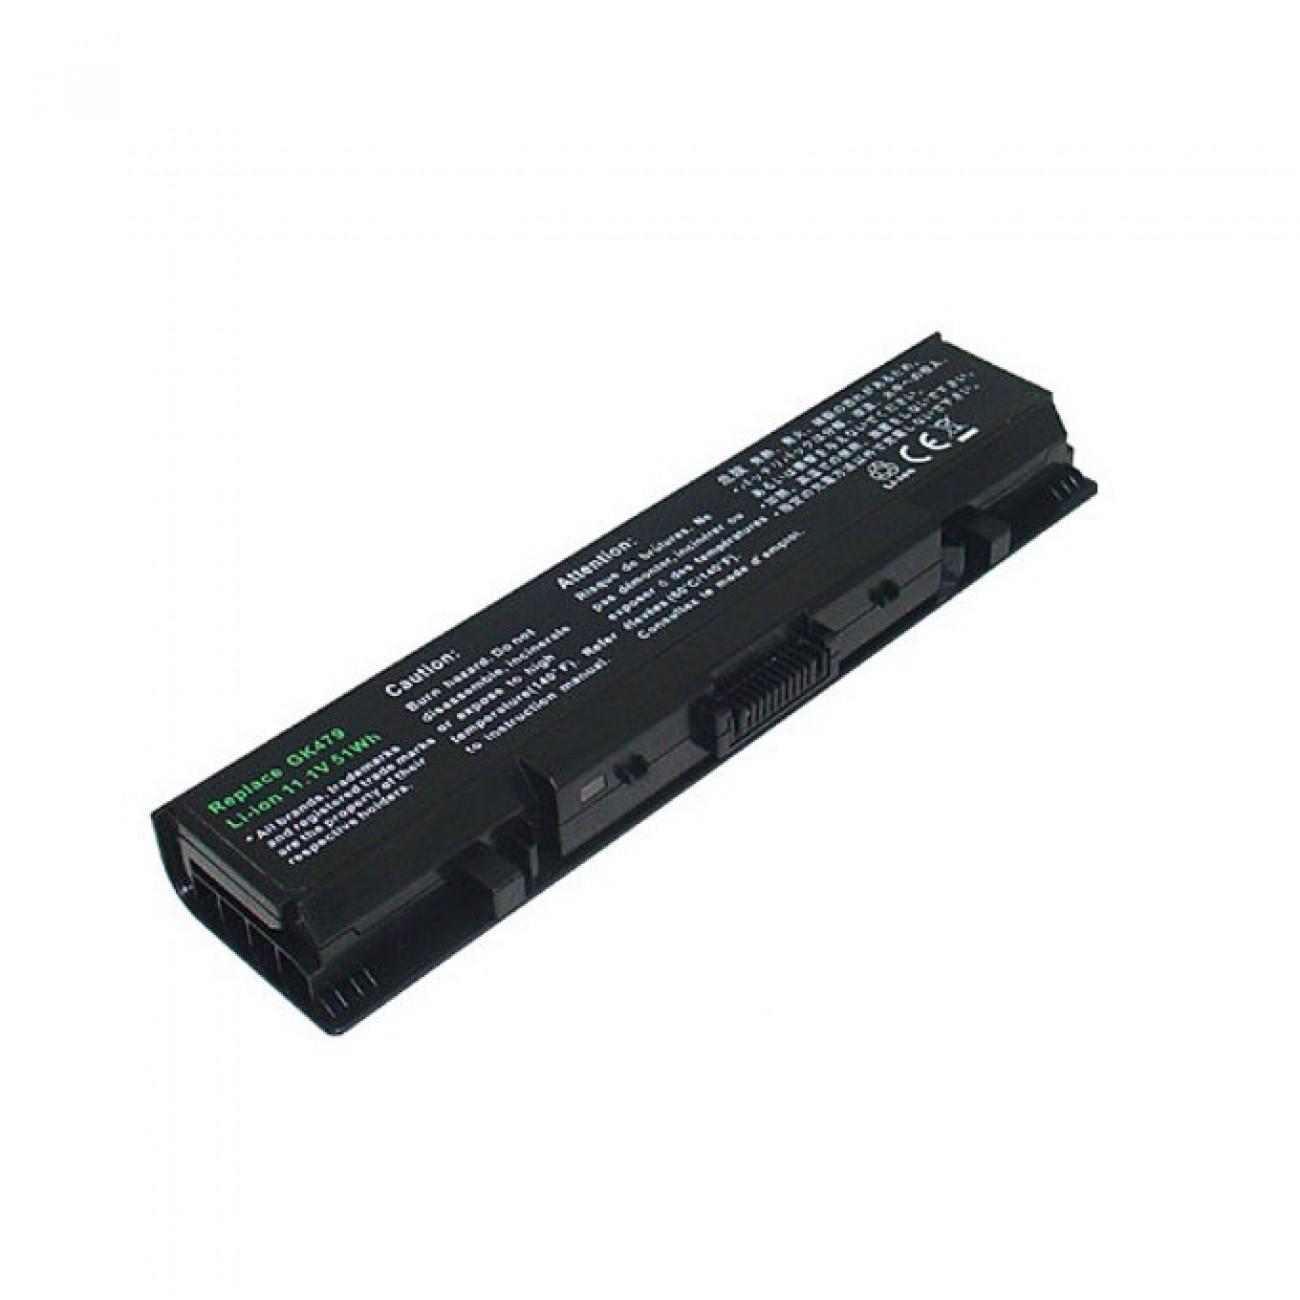 Батерия (заместител) за DELL Inspiron 1520, съвместима с 1521/1720/1721/Vostro 1500/1700, 9cell, 11.1V, 6600 mAh в Батерии за Лаптоп - Noname   Alleop